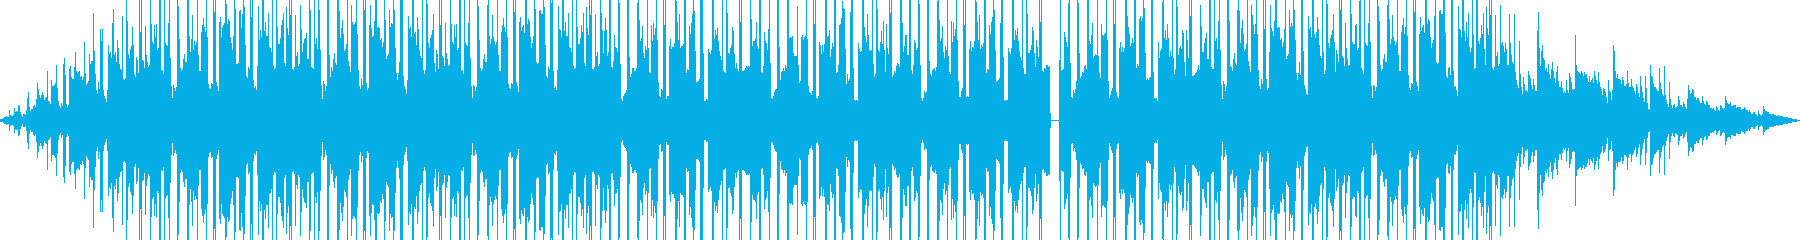 雨の日のLoFIビートの再生済みの波形